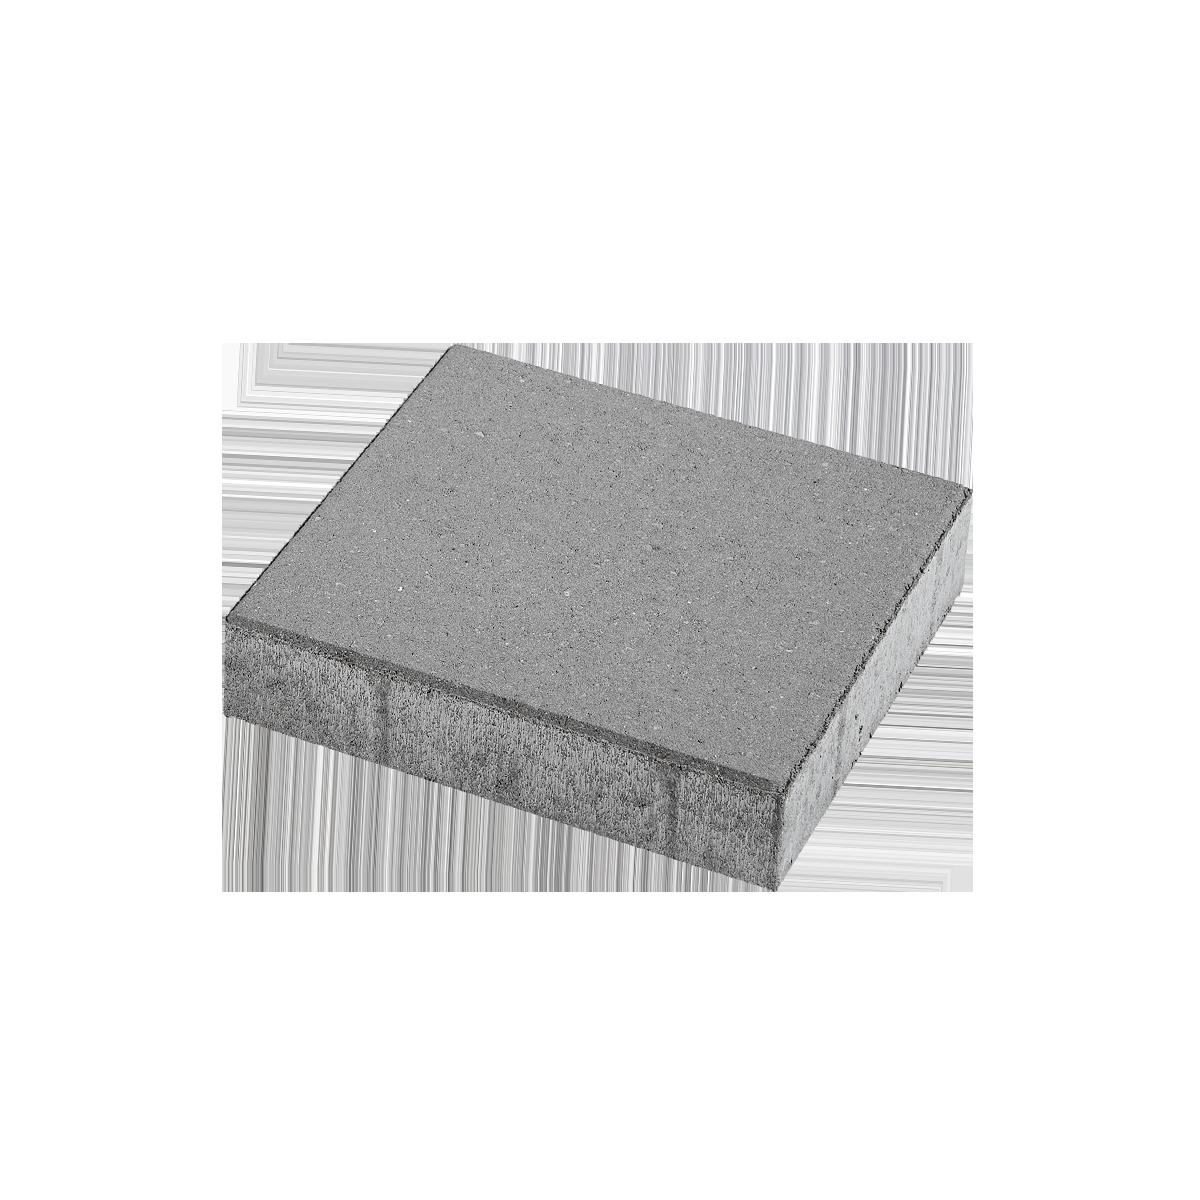 Fliser 30x30x8 cm Grå